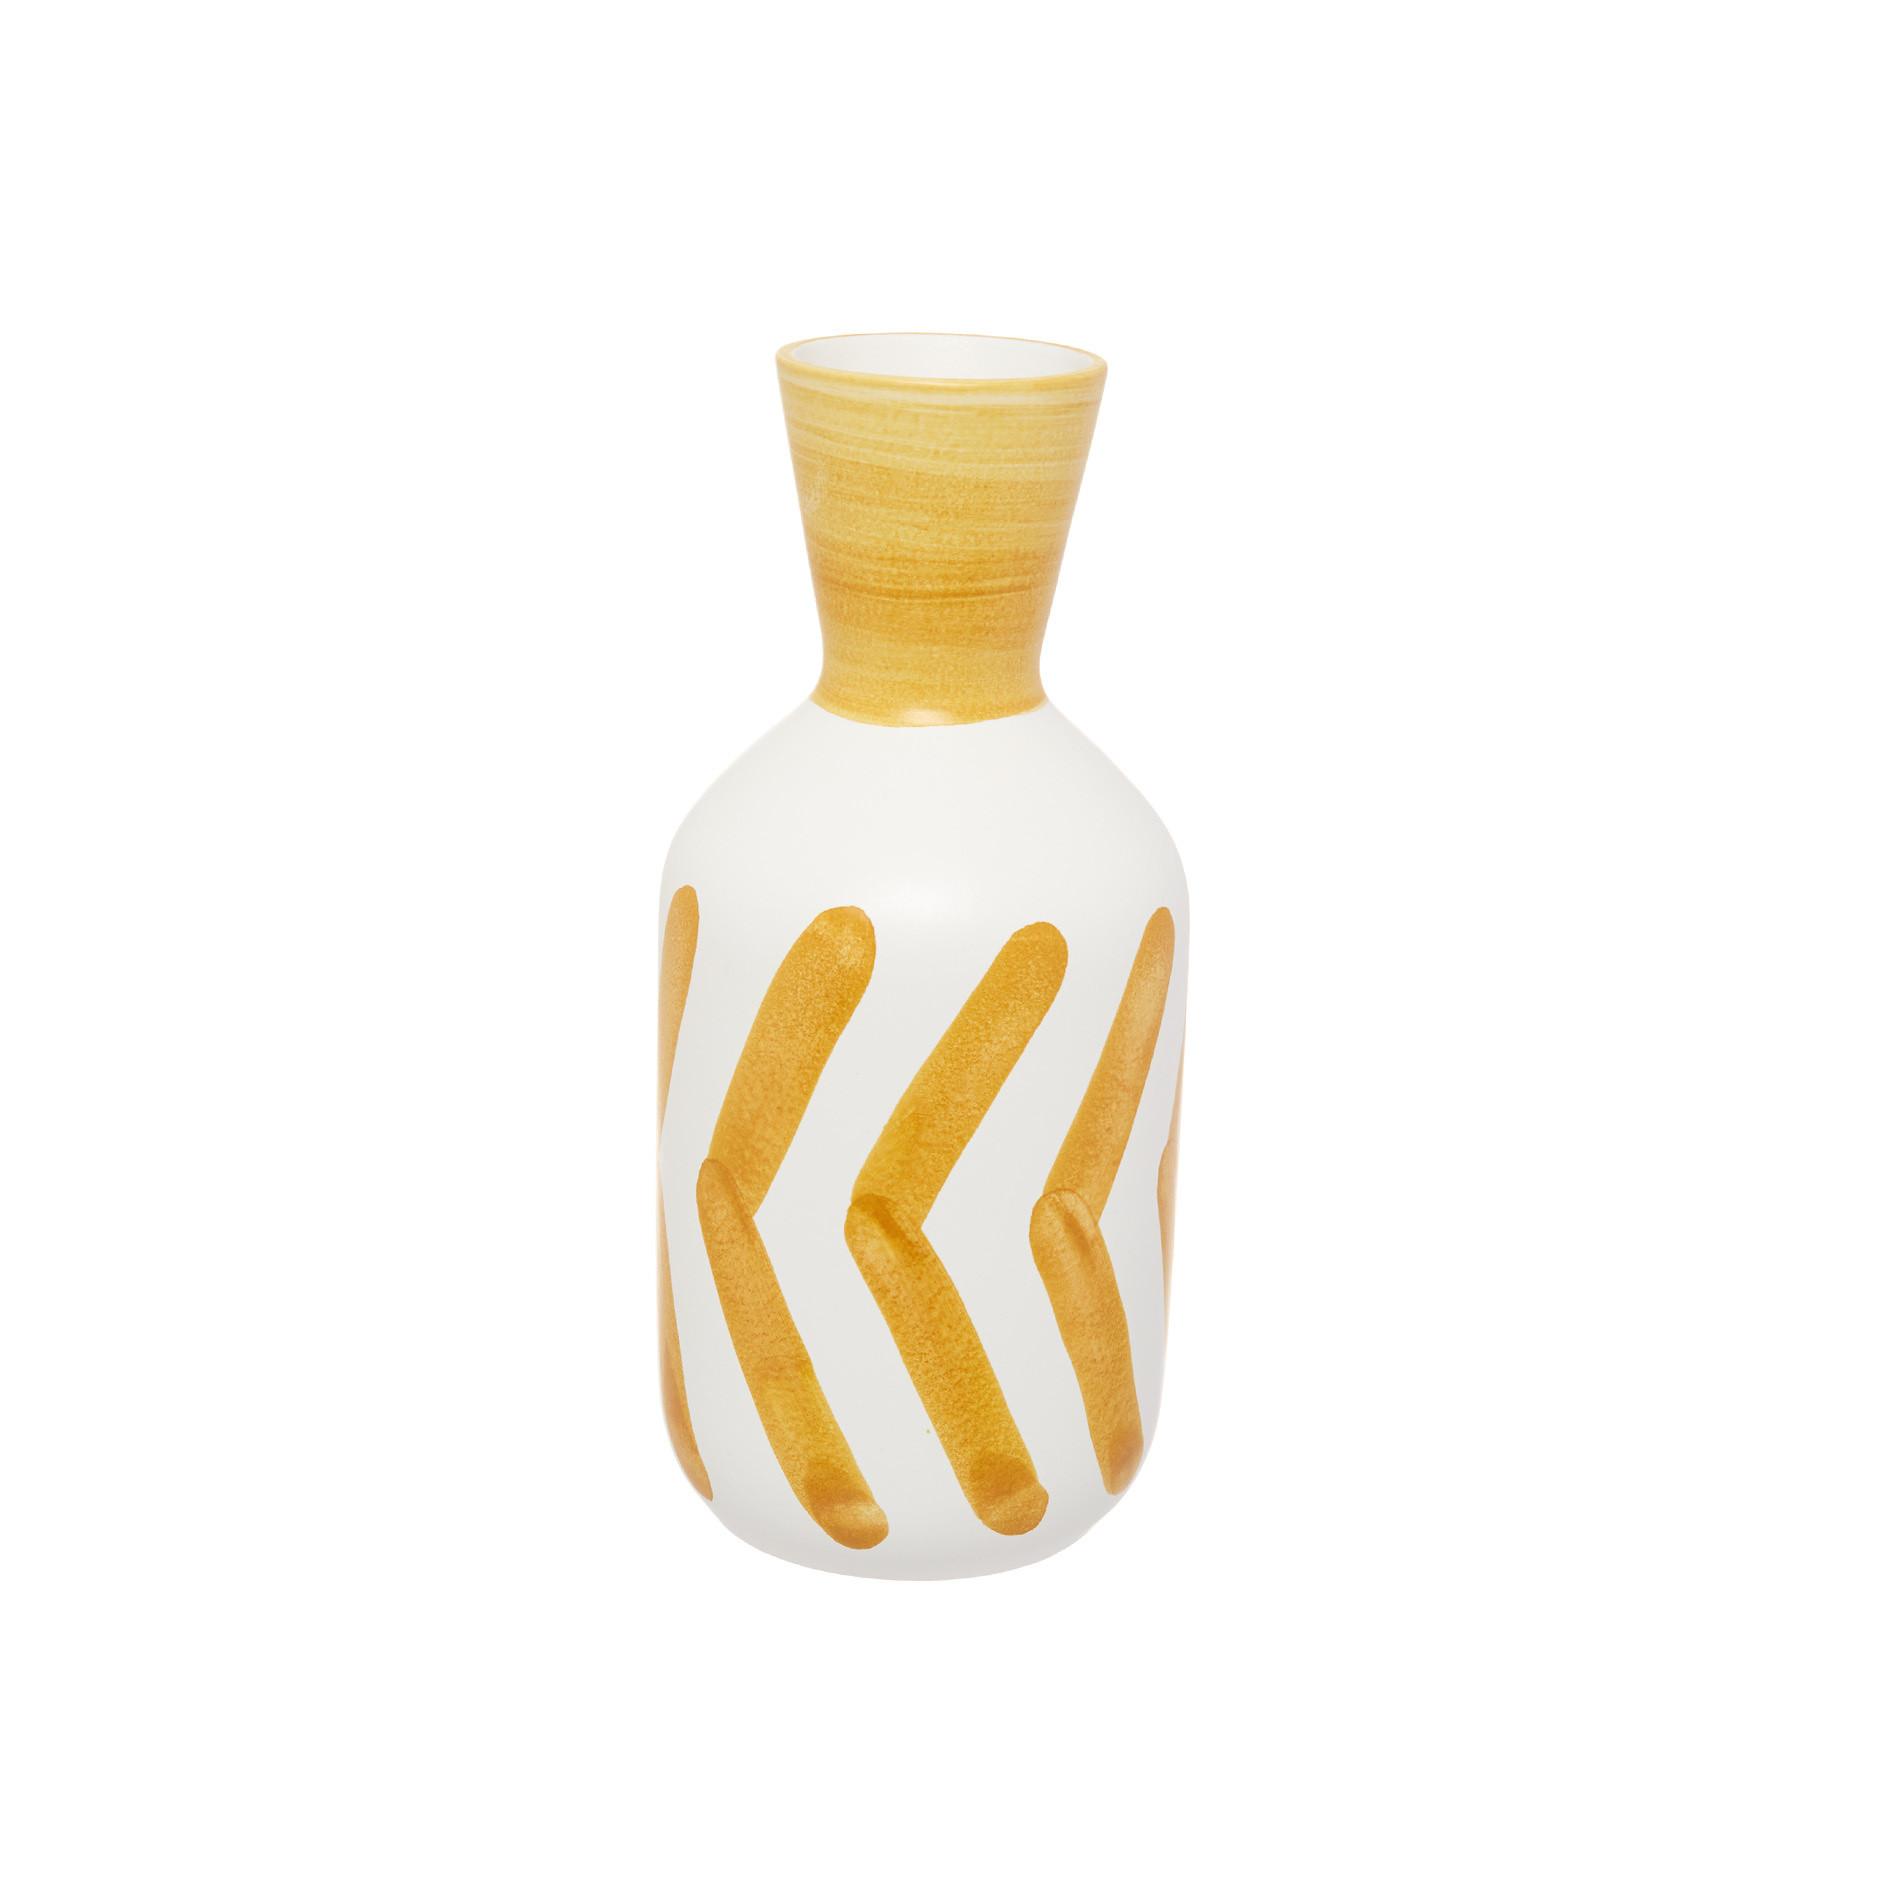 Vaso ceramica artigianale, Bianco, large image number 0